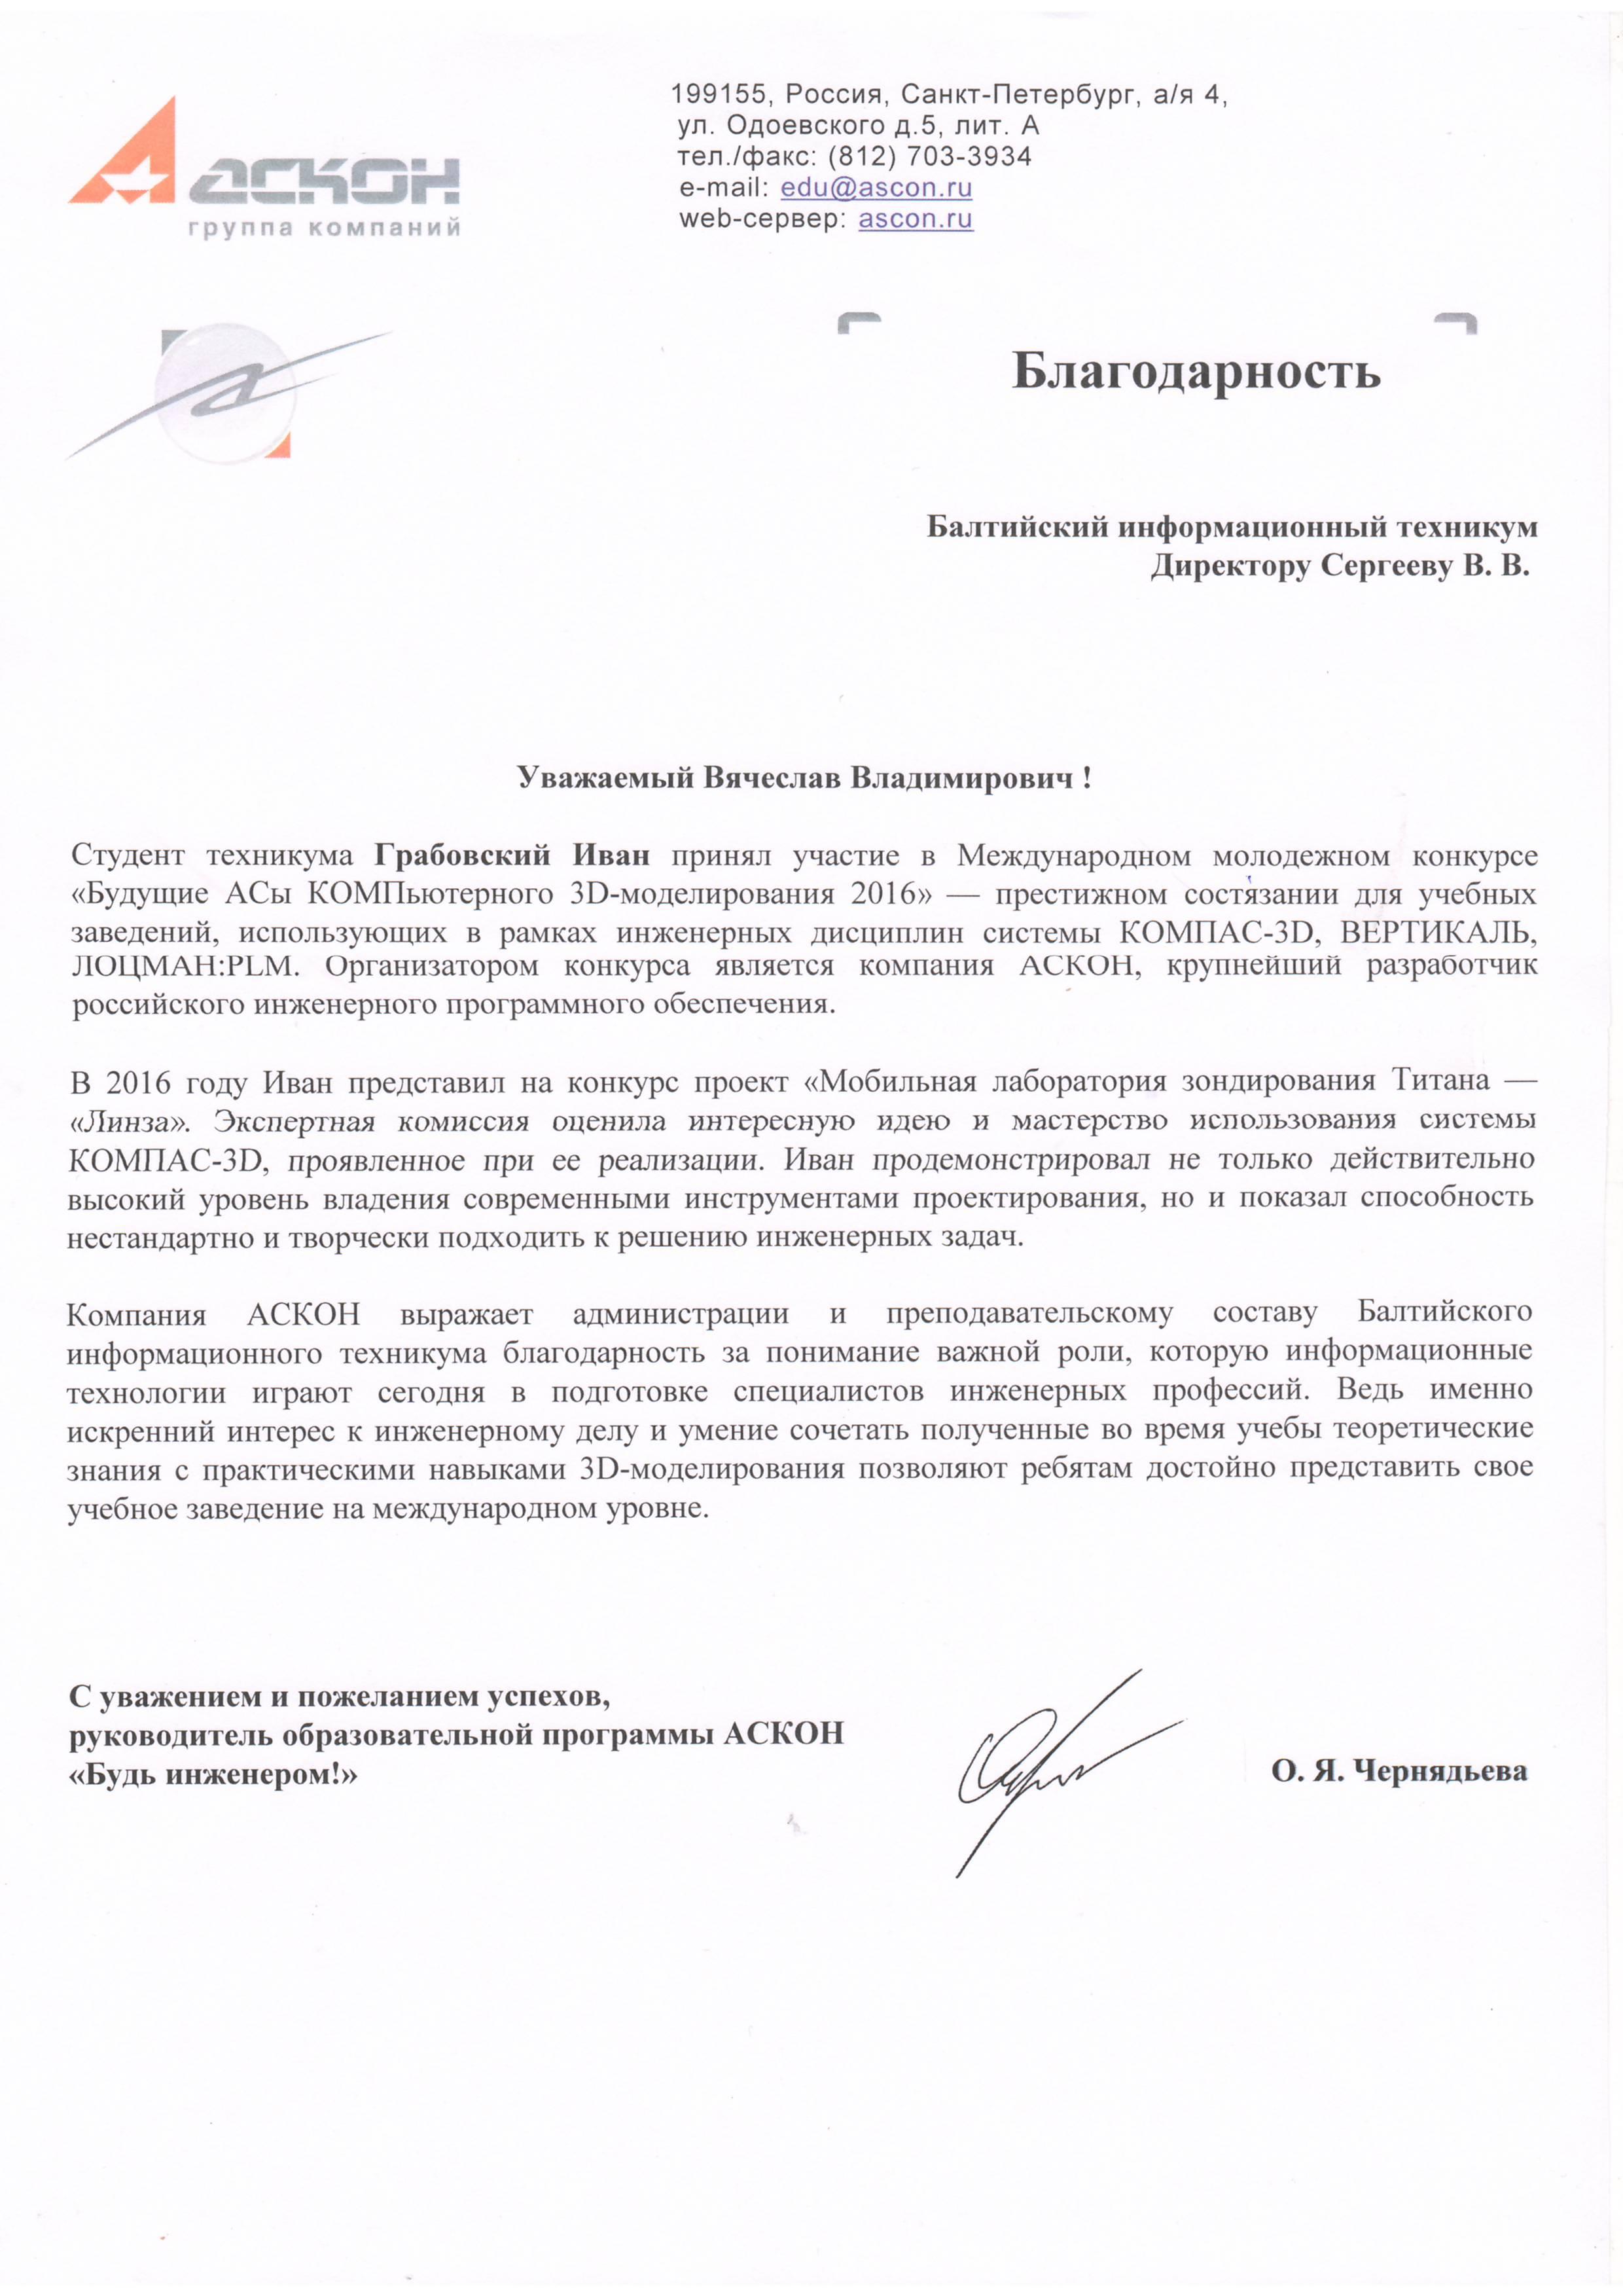 Диплом-Грабовский-2016